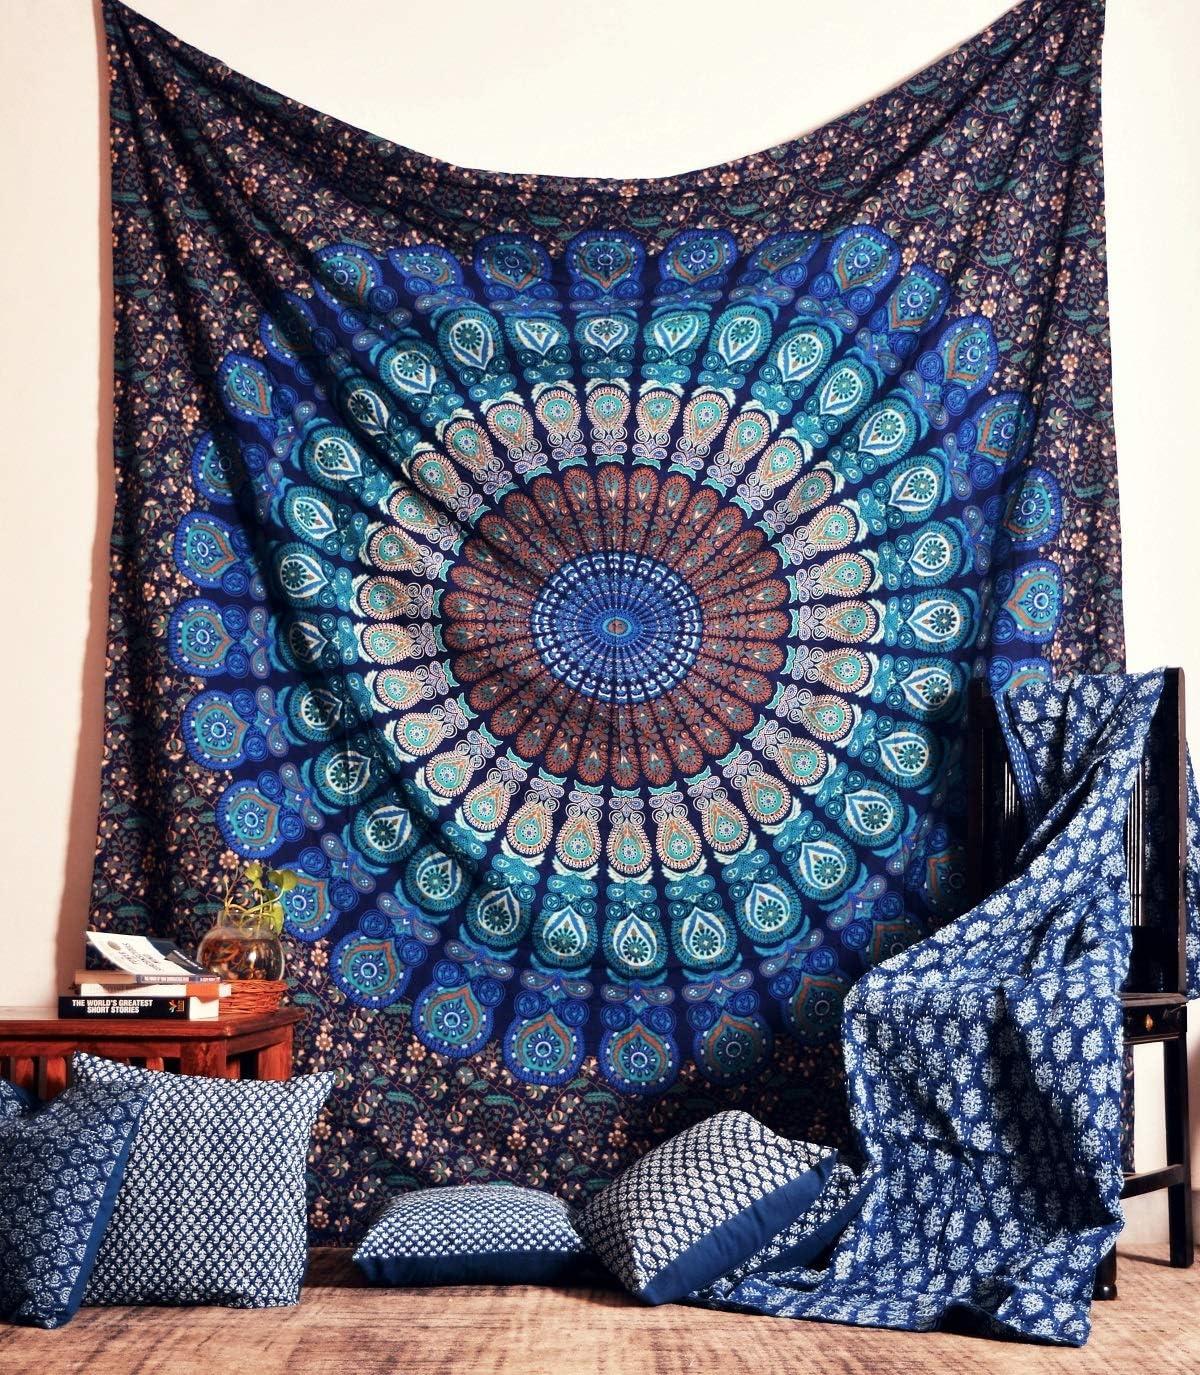 Medium YiaMia Populaire Hippie Mandala Boh/ème Psych/éd/élique intriqu/é Motif Floral Couvre Lit Indien Magique Pens/ée Tapisserie vert plume de paon